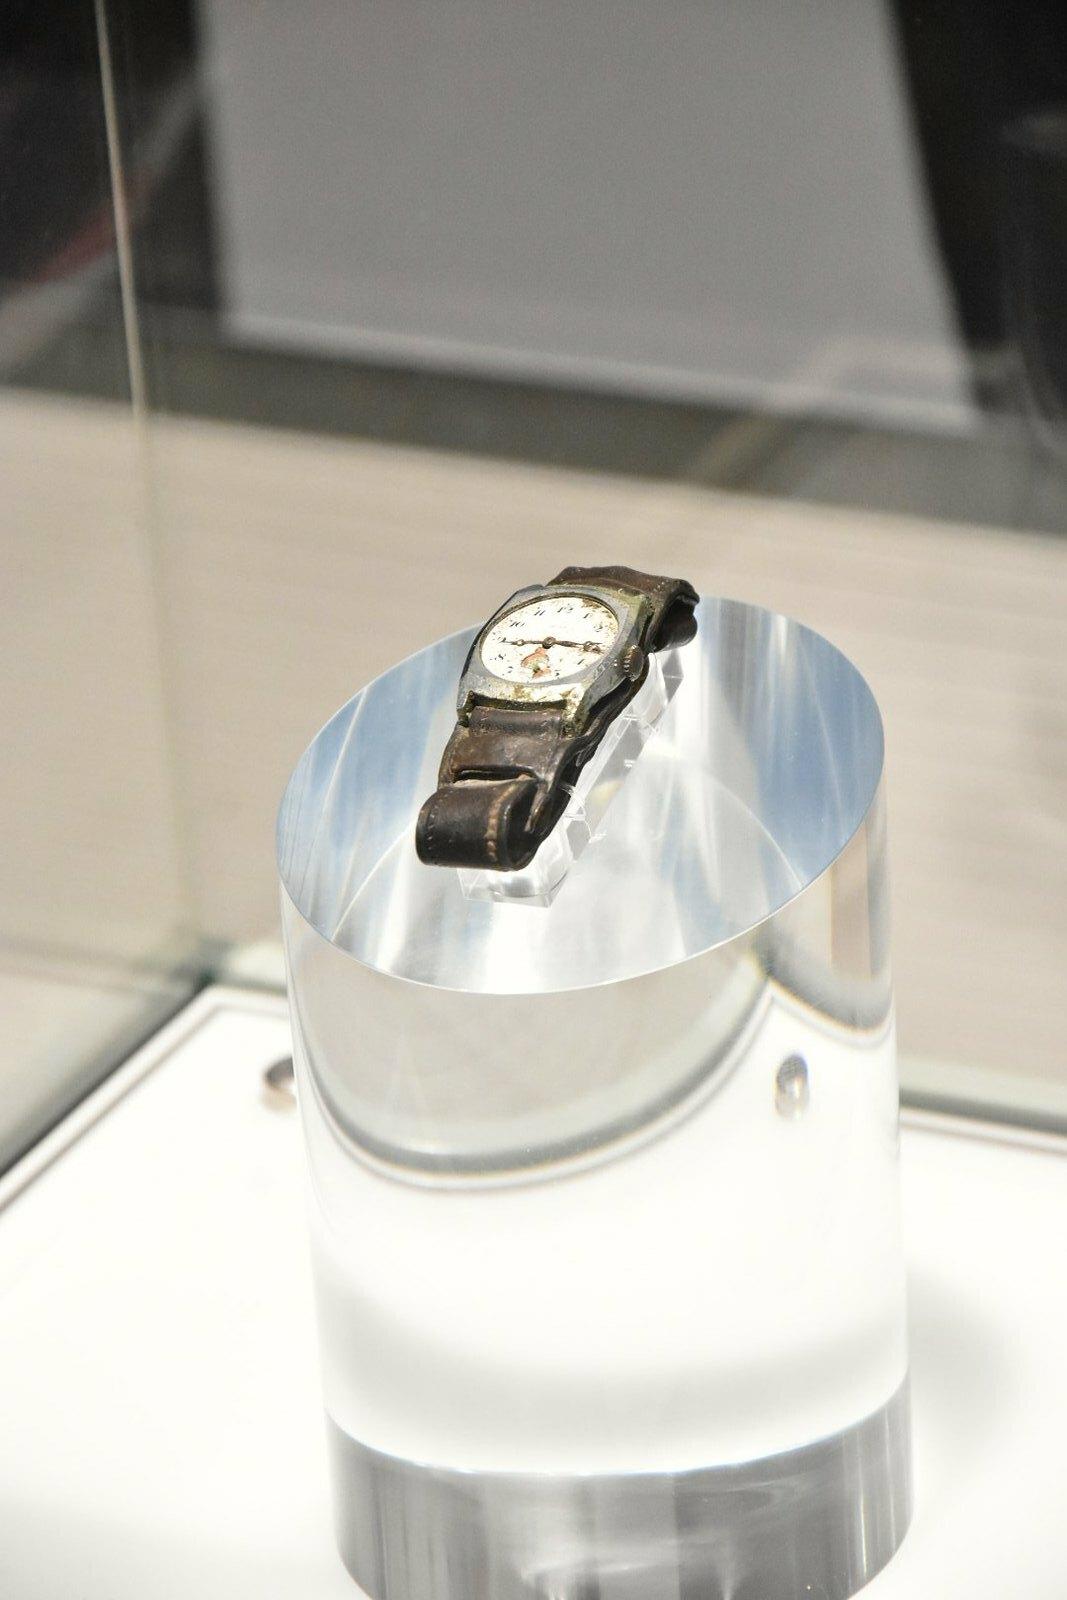 Hiroshima - Musée mémorial de la paix - montre arrêtée à 8h15